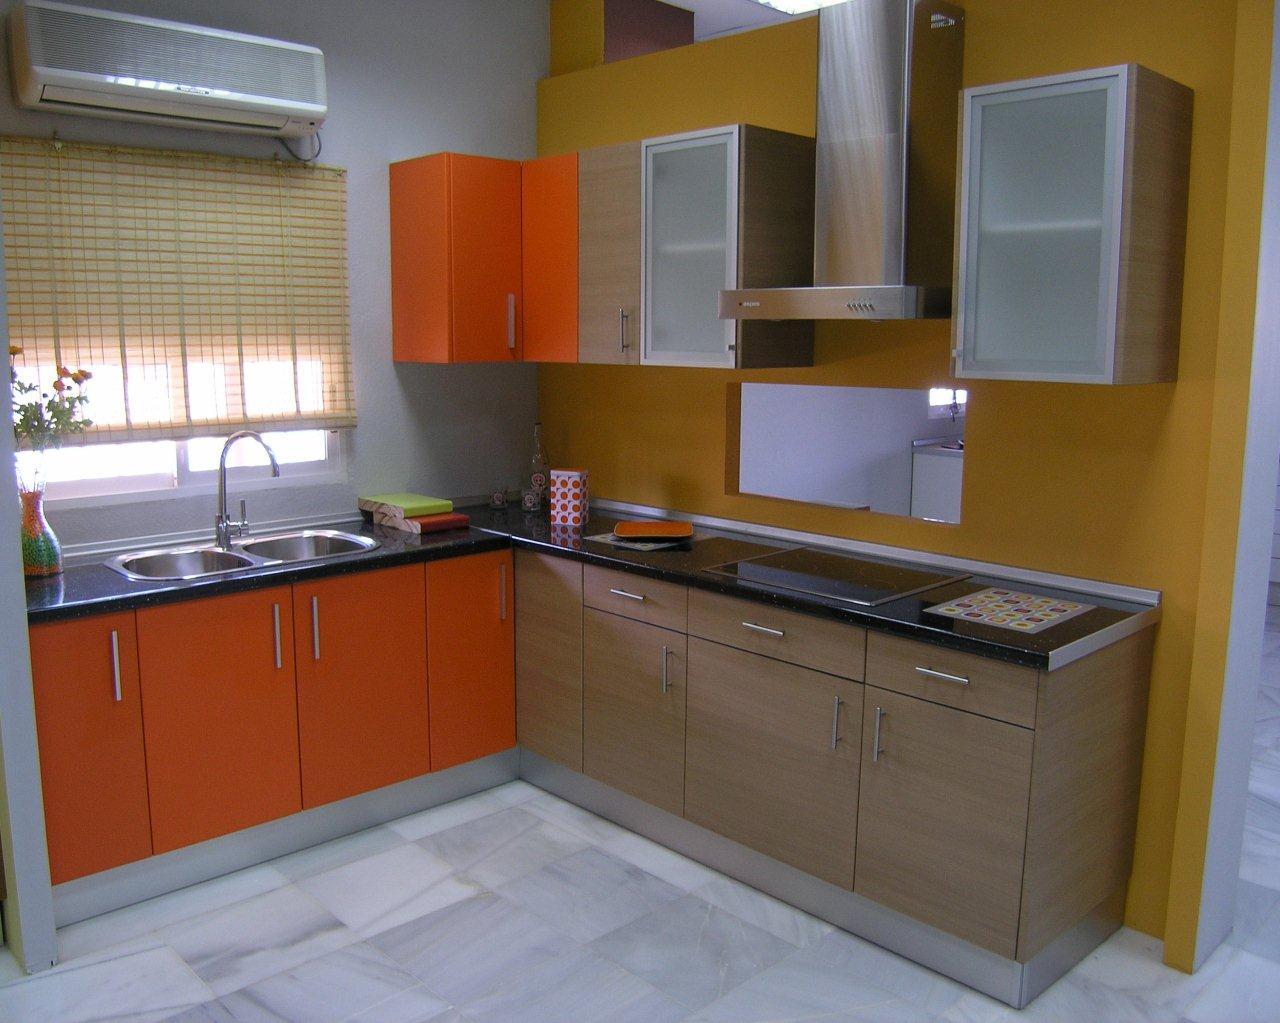 Alcokitex cocinas econ micas para segunda vivienda o alquiler for Decoracion de cocinas pequenas y economicas